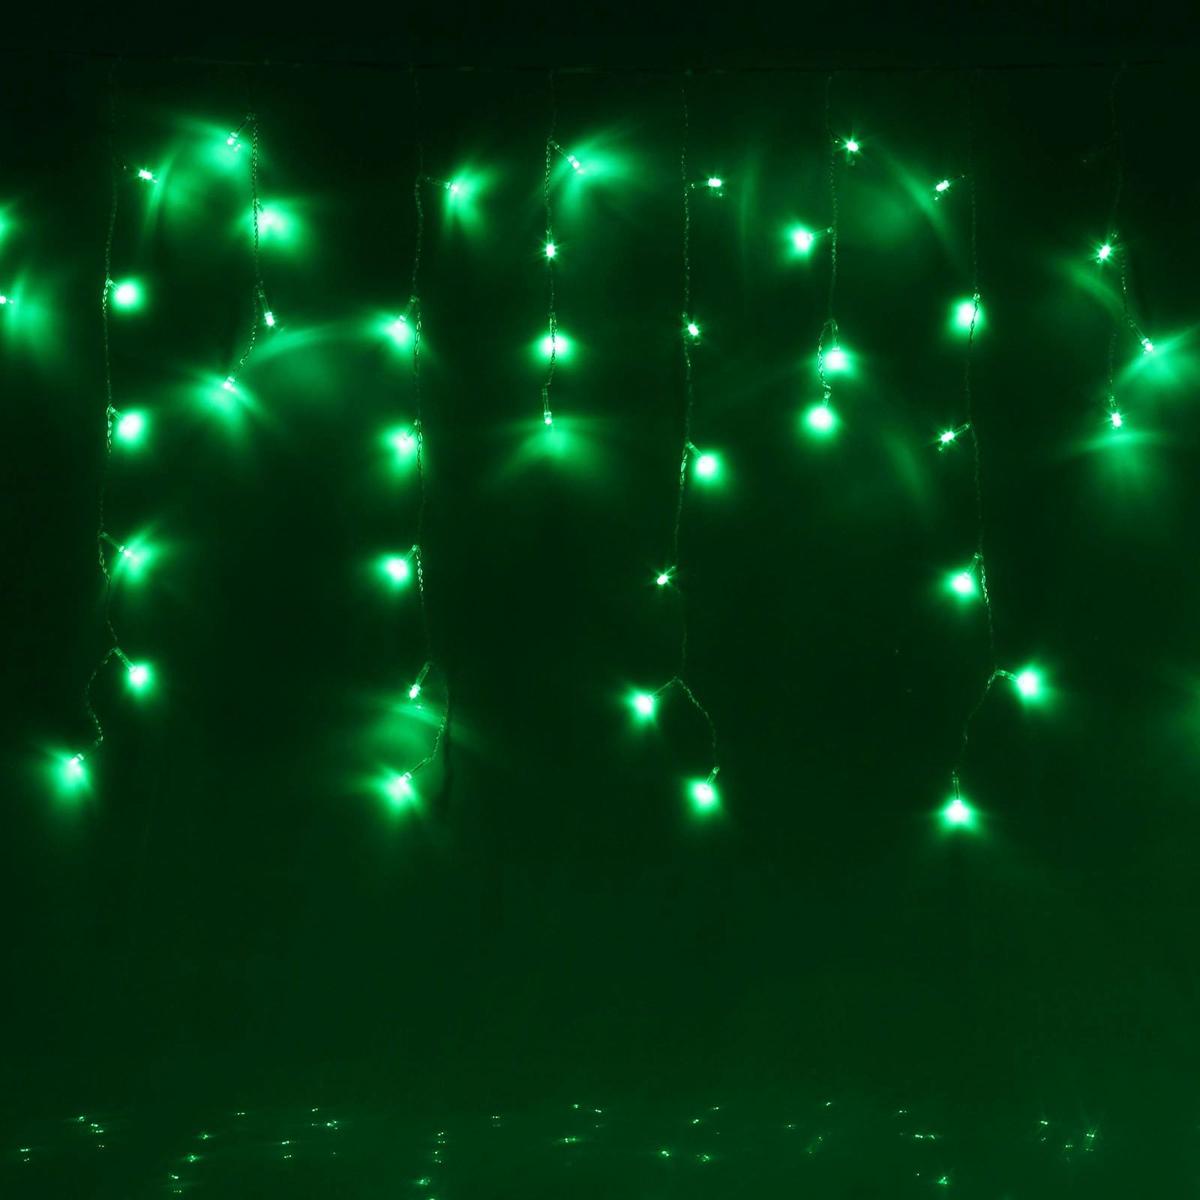 Гирлянда светодиодная Luazon Бахрома, уличная, 8 режимов, 120 ламп, 220 V, цвет: зеленый, 2 х 0,6 м. 187259187259Светодиодные гирлянды, ленты и т.д — это отличный вариант для новогоднего оформления интерьера или фасада. С их помощью помещение любого размера можно превратить в праздничный зал, а внешние элементы зданий, украшенные ими, мгновенно станут напоминать очертания сказочного дворца. Такие украшения создают ауру предвкушения чуда. Деревья, фасады, витрины, окна и арки будто специально созданы, чтобы вы украсили их светящимися нитями.